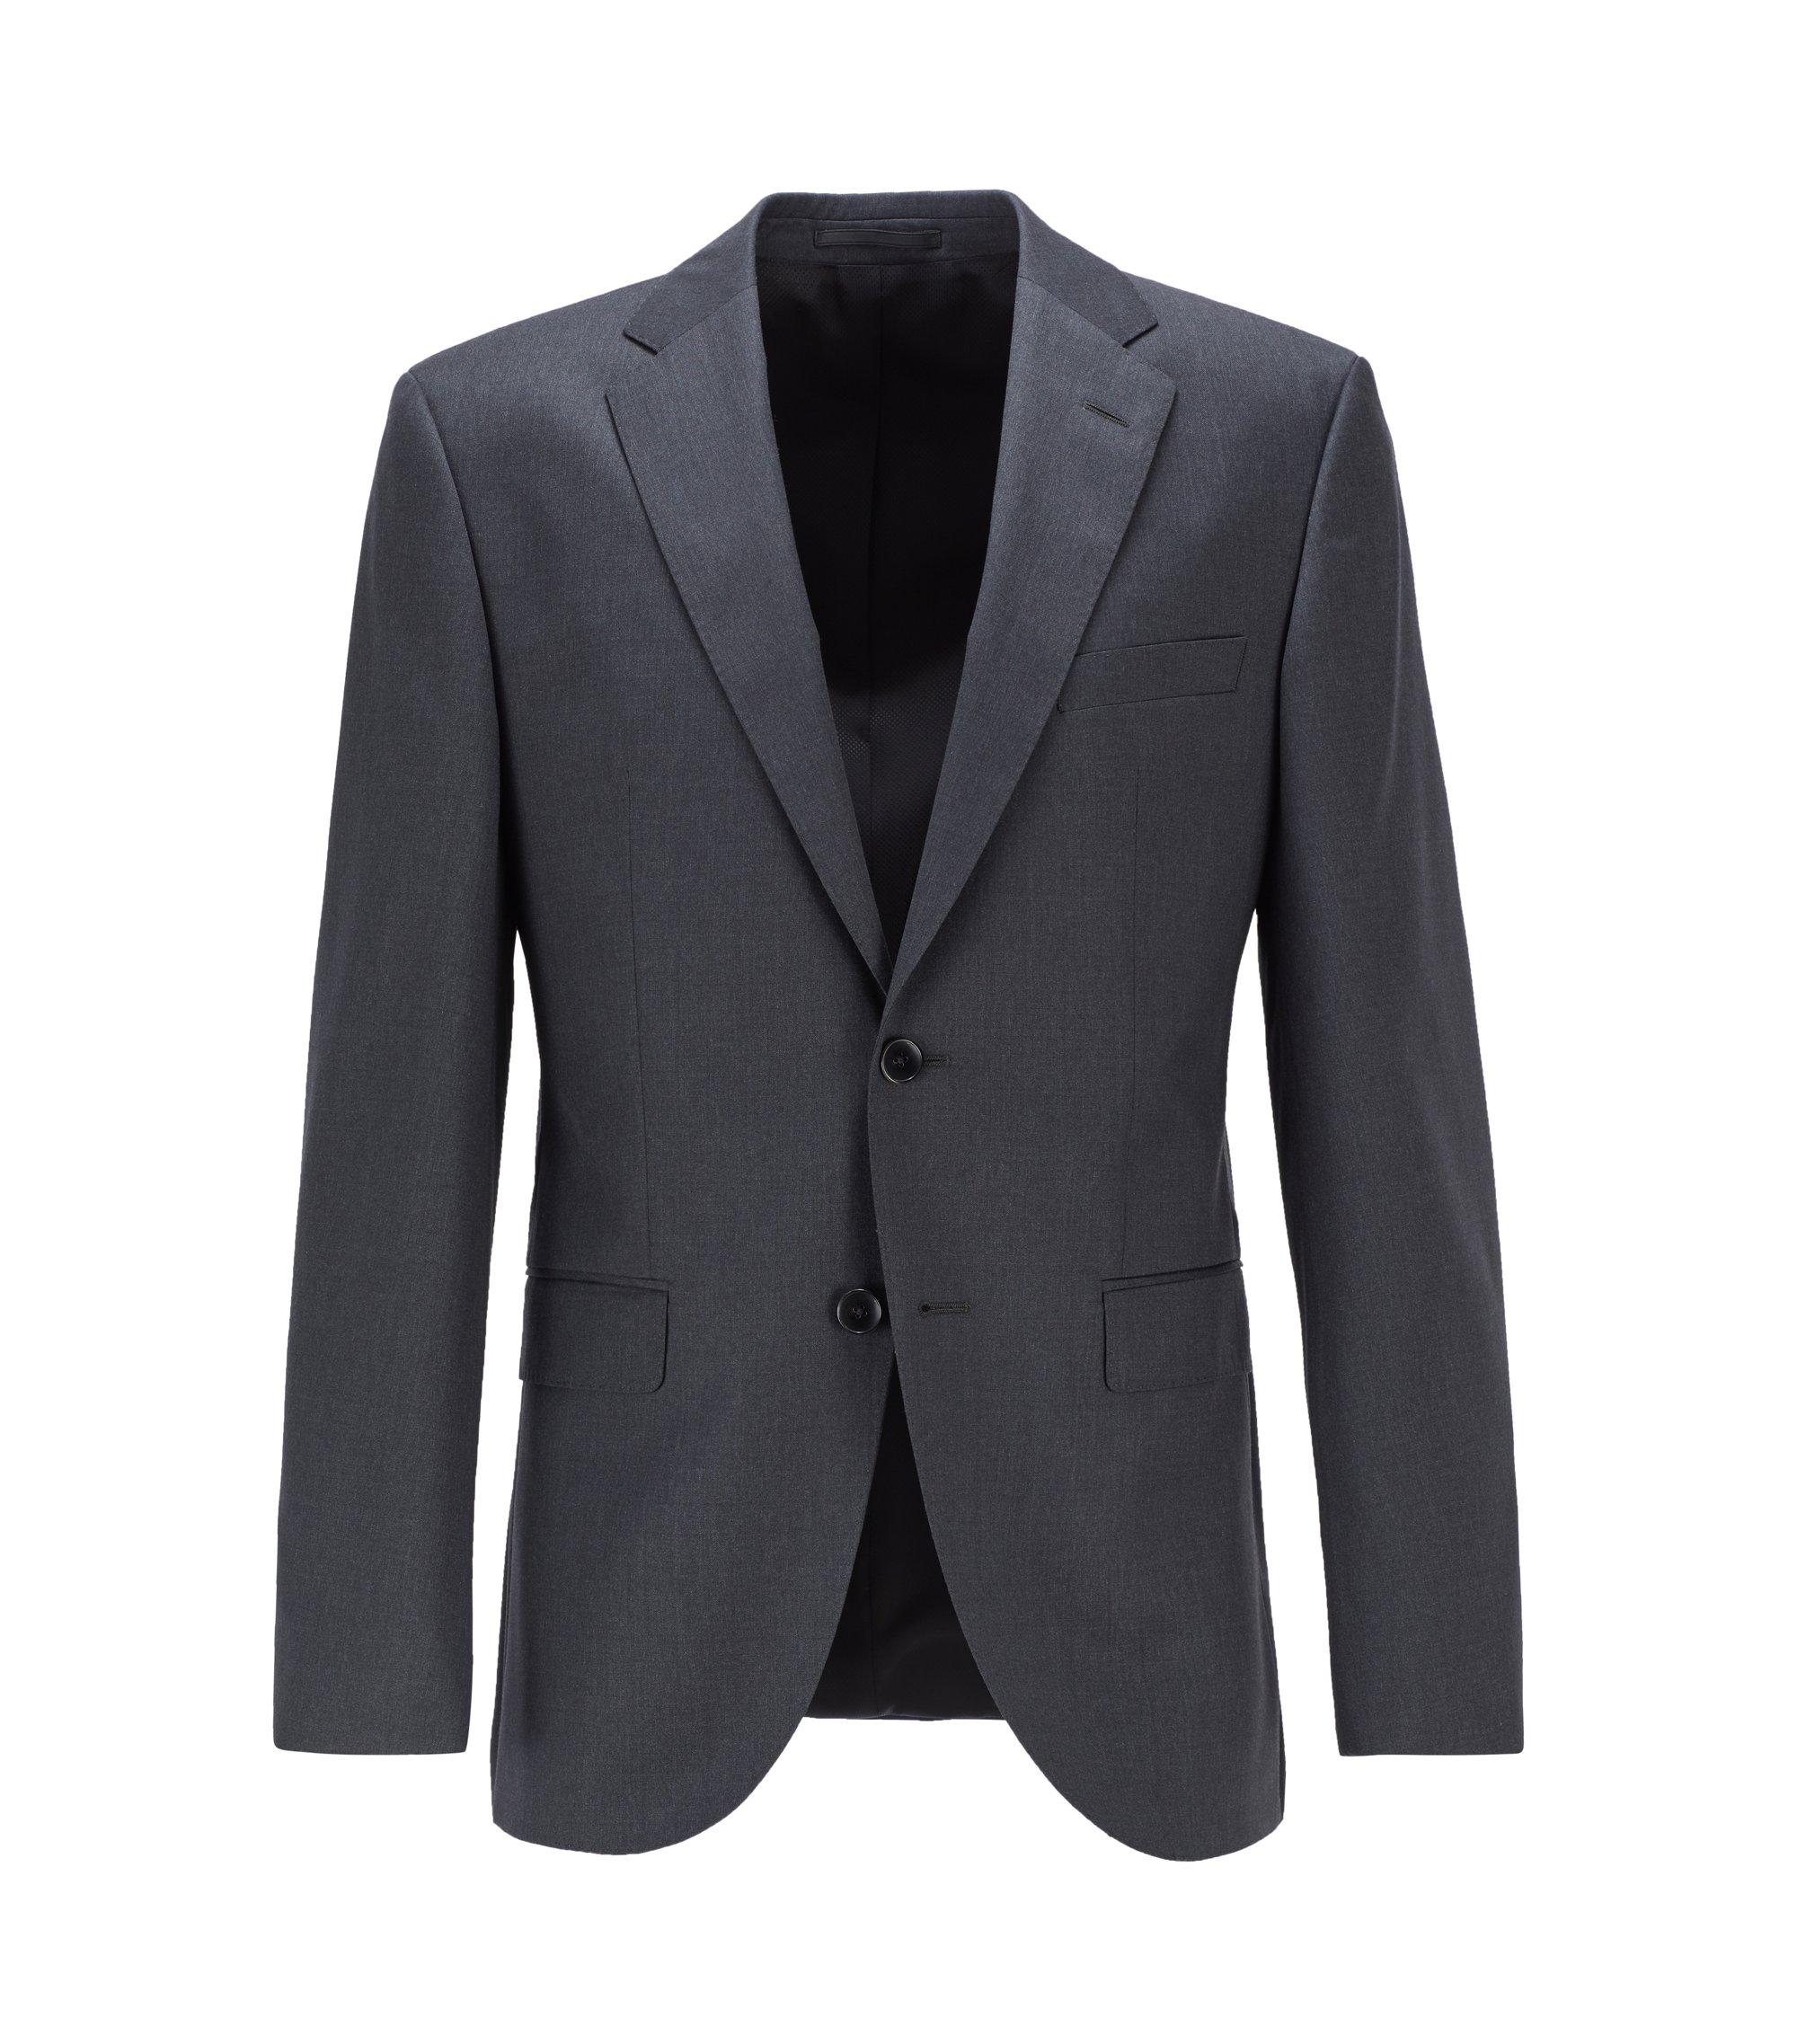 Giacca regular fit in lana vergine con cuciture AMF, Grigio scuro